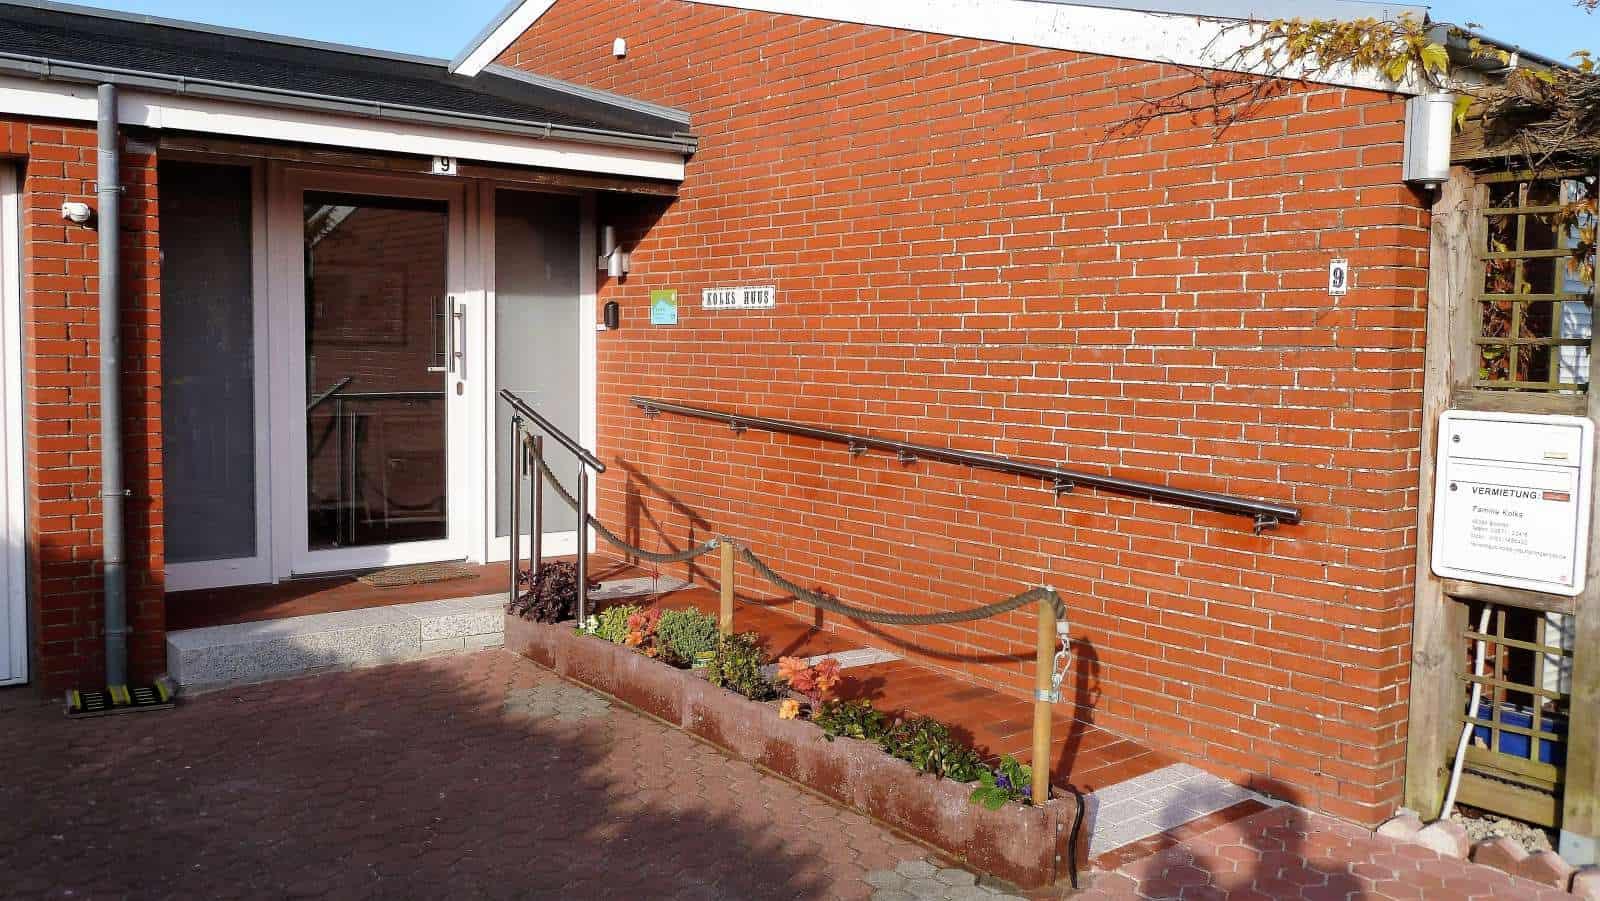 Ebenerdiger Zugang zum Ferienhaus Kolks Huus Besanweg 9 in Neuharlingersiel